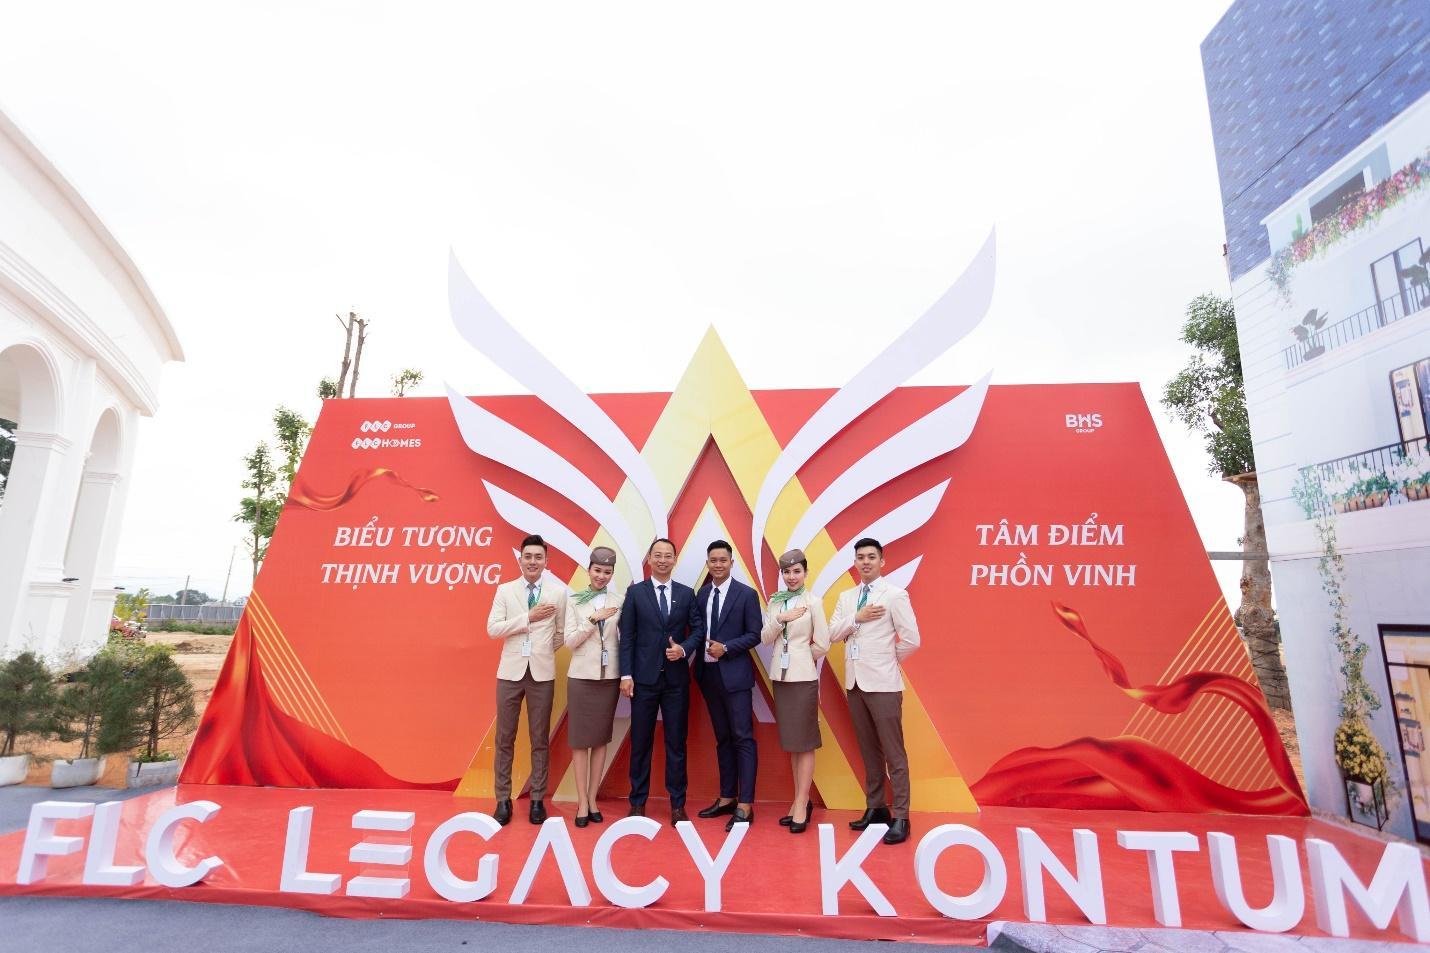 Sự kiện ra mắt FLC Legacy Kontum: Hút hàng ngàn khách hàng từ mọi miền đất nước - Ảnh 1